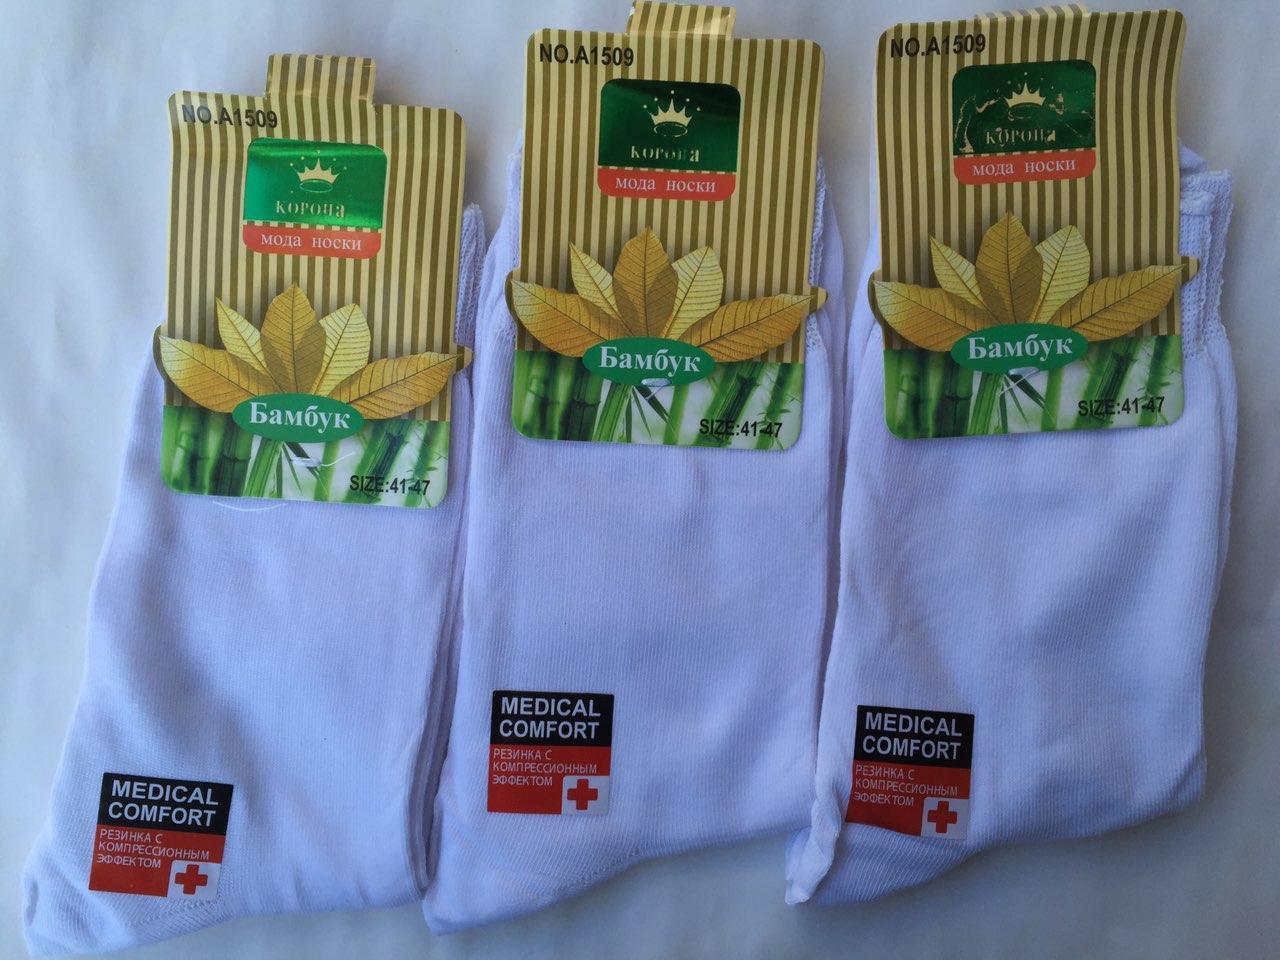 Мужские носки Корона бамбук Р.р 41-47